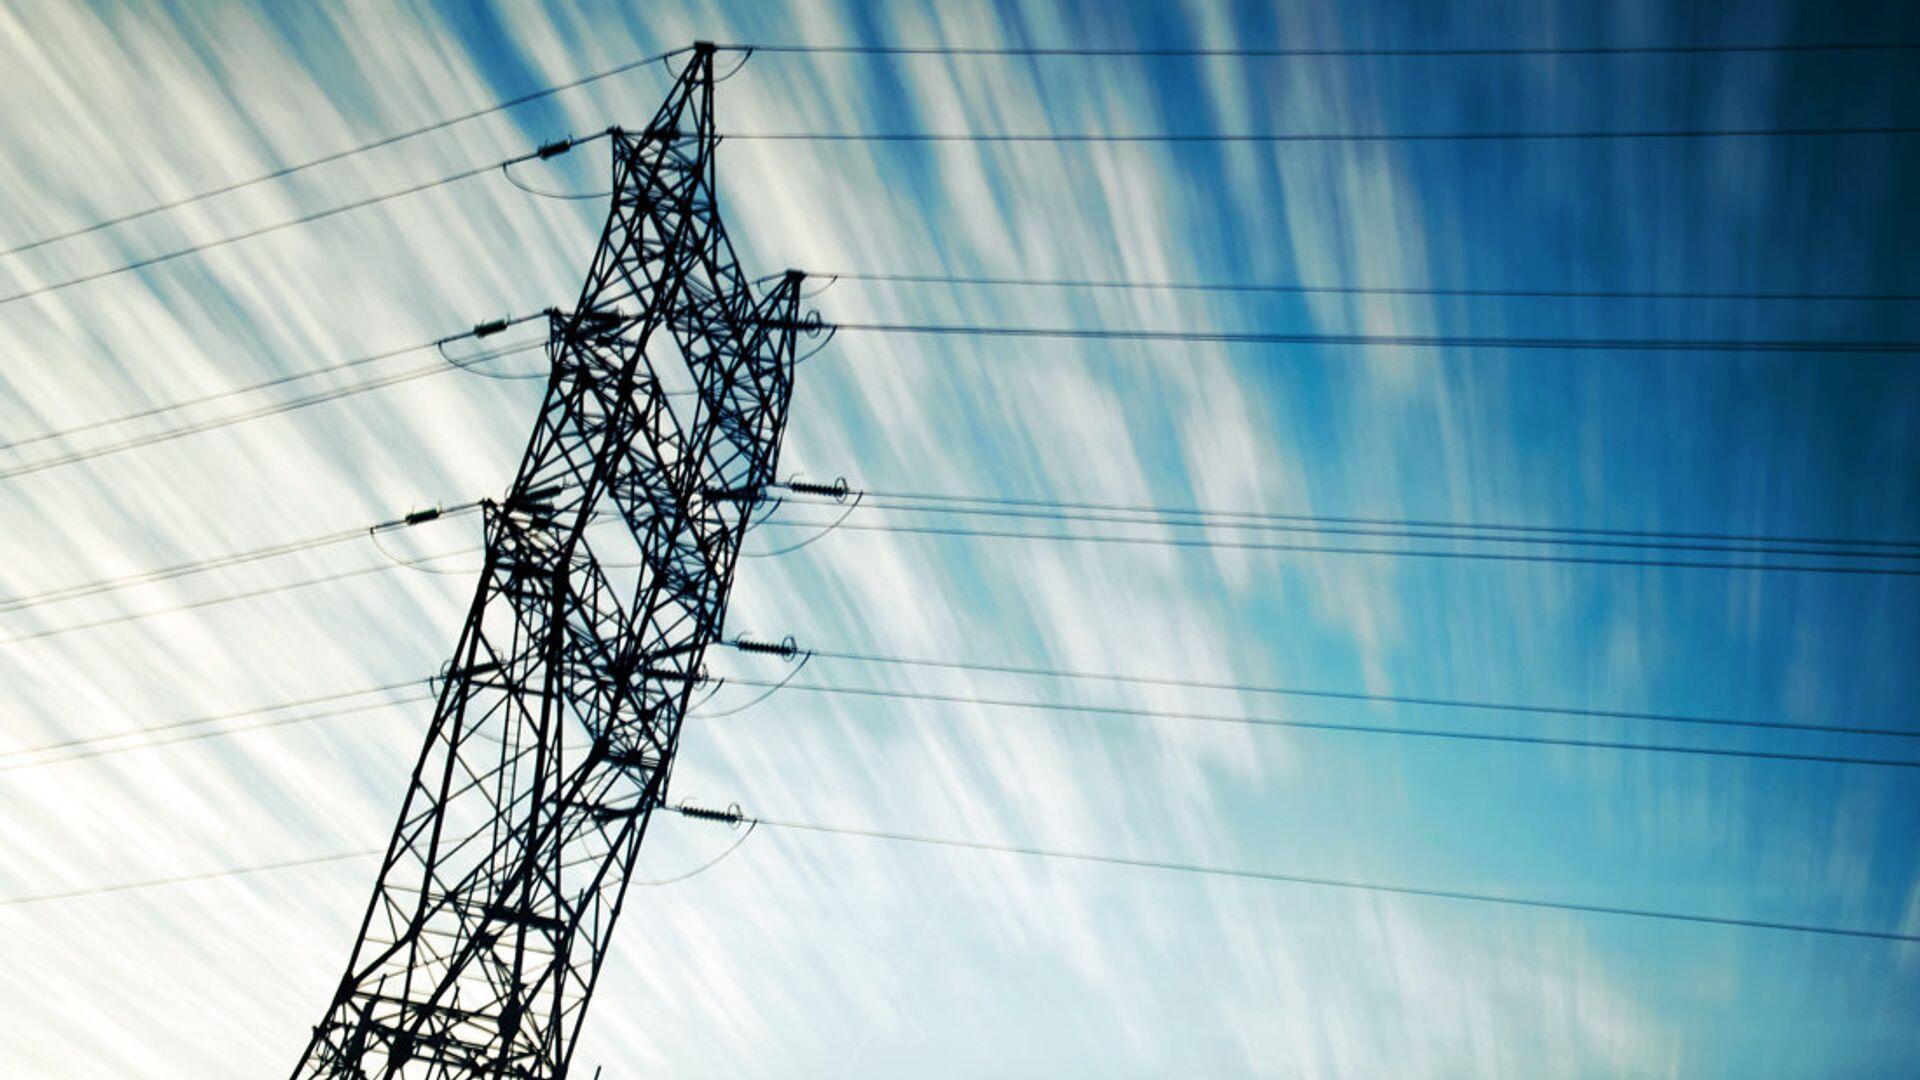 Líneas de electricidad (imagen referencial) - Sputnik Mundo, 1920, 09.10.2021